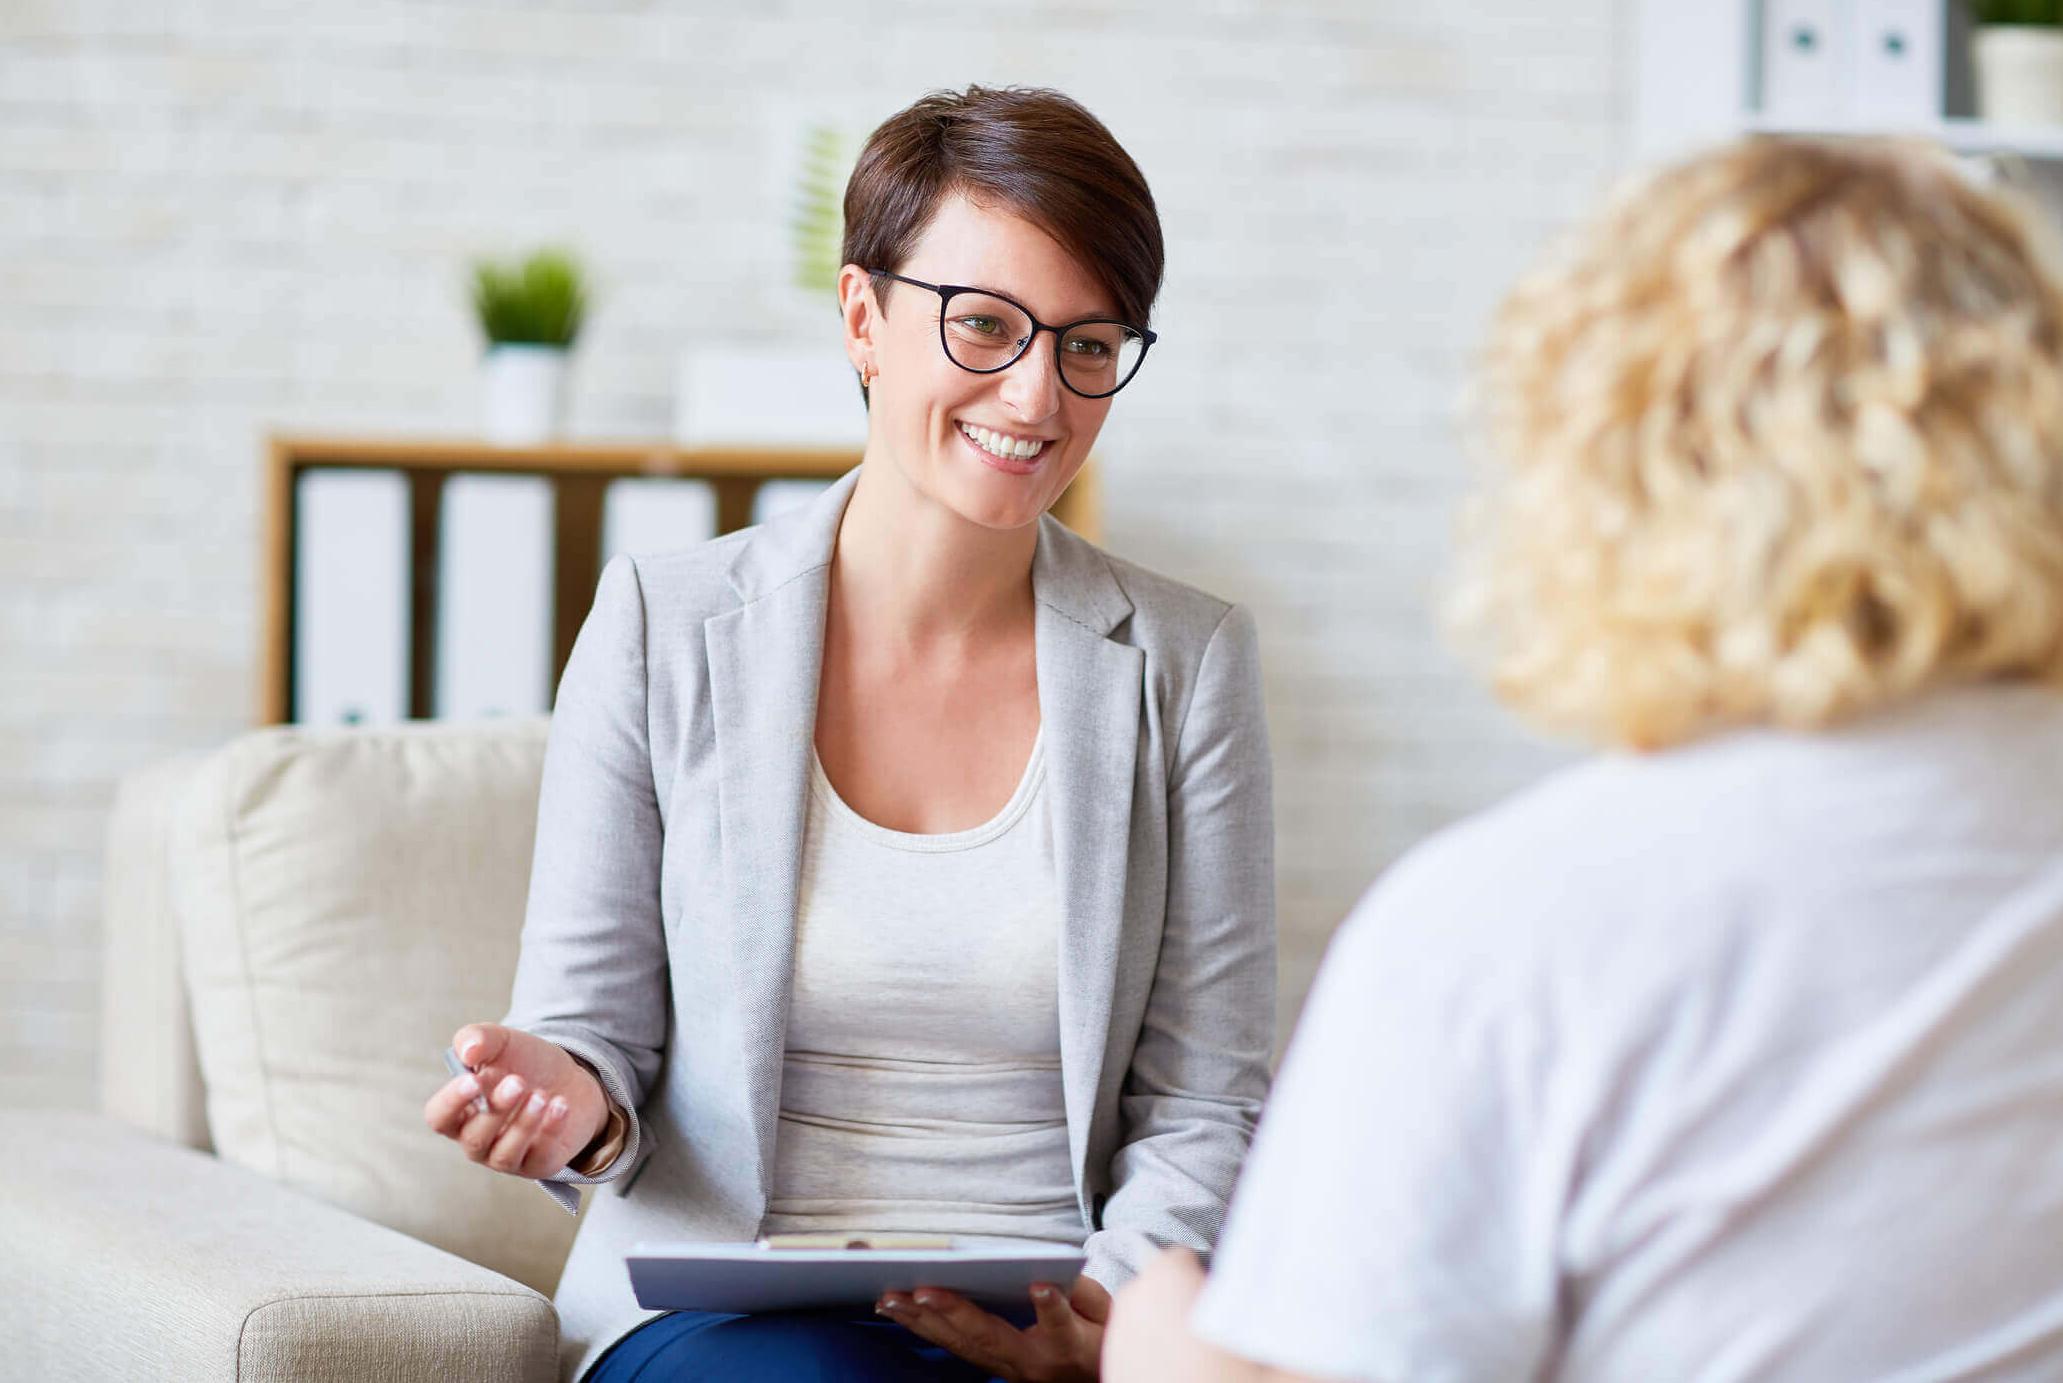 Для психолога важно умение располагать людей к себе, вызывать доверие